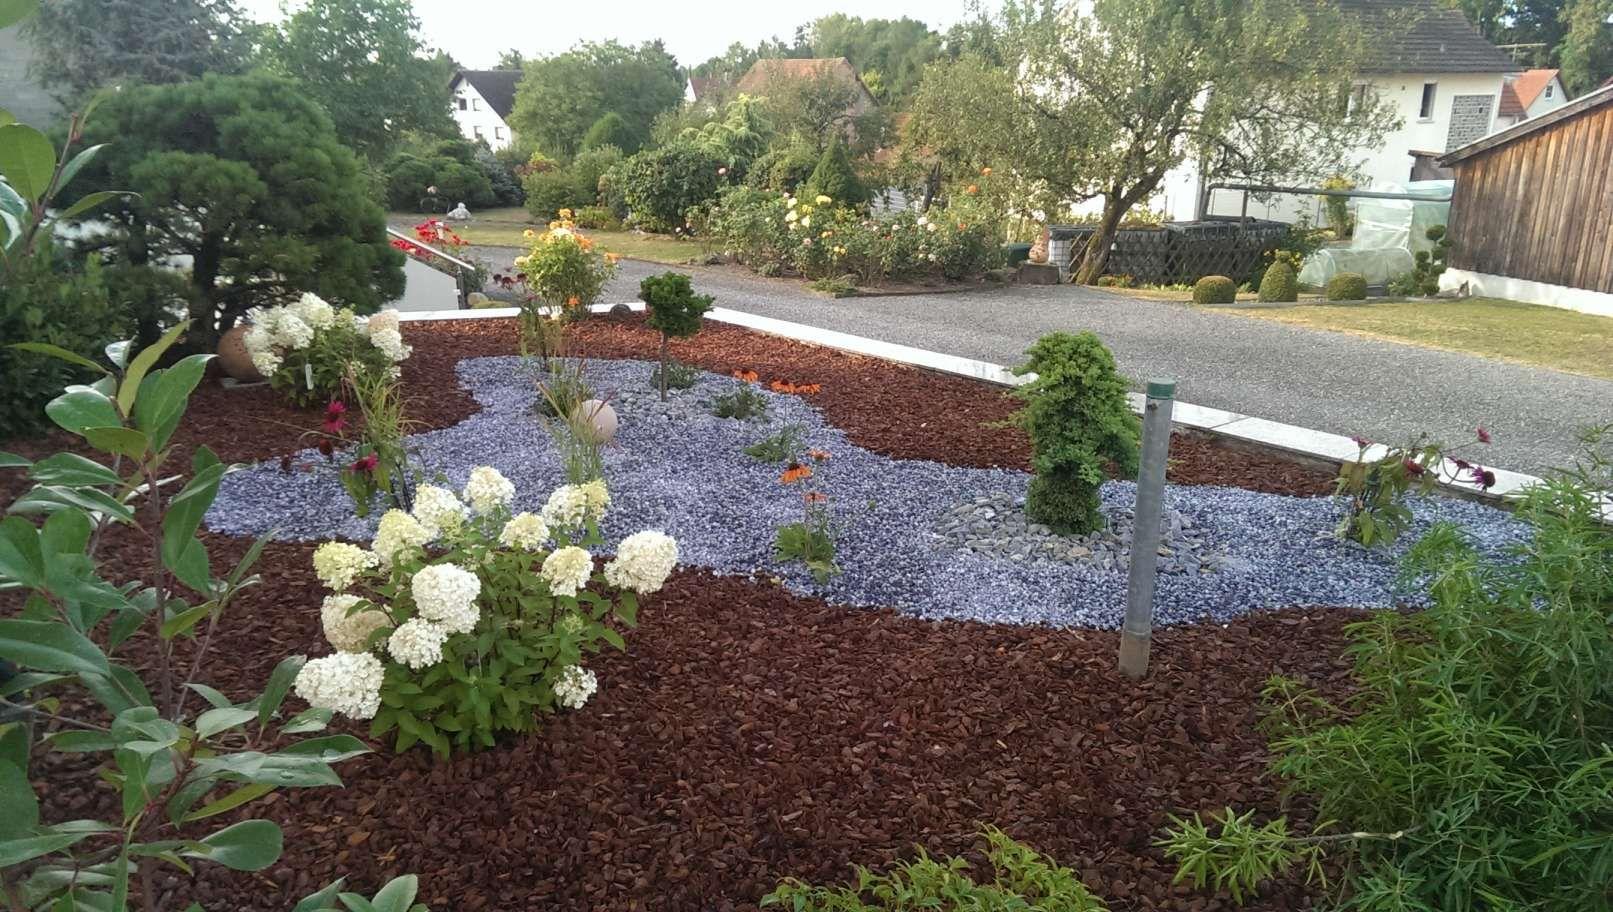 10 Gartengestaltung Mit Pinienrinde In 2020 Garten Gartengestaltung Zen Garten